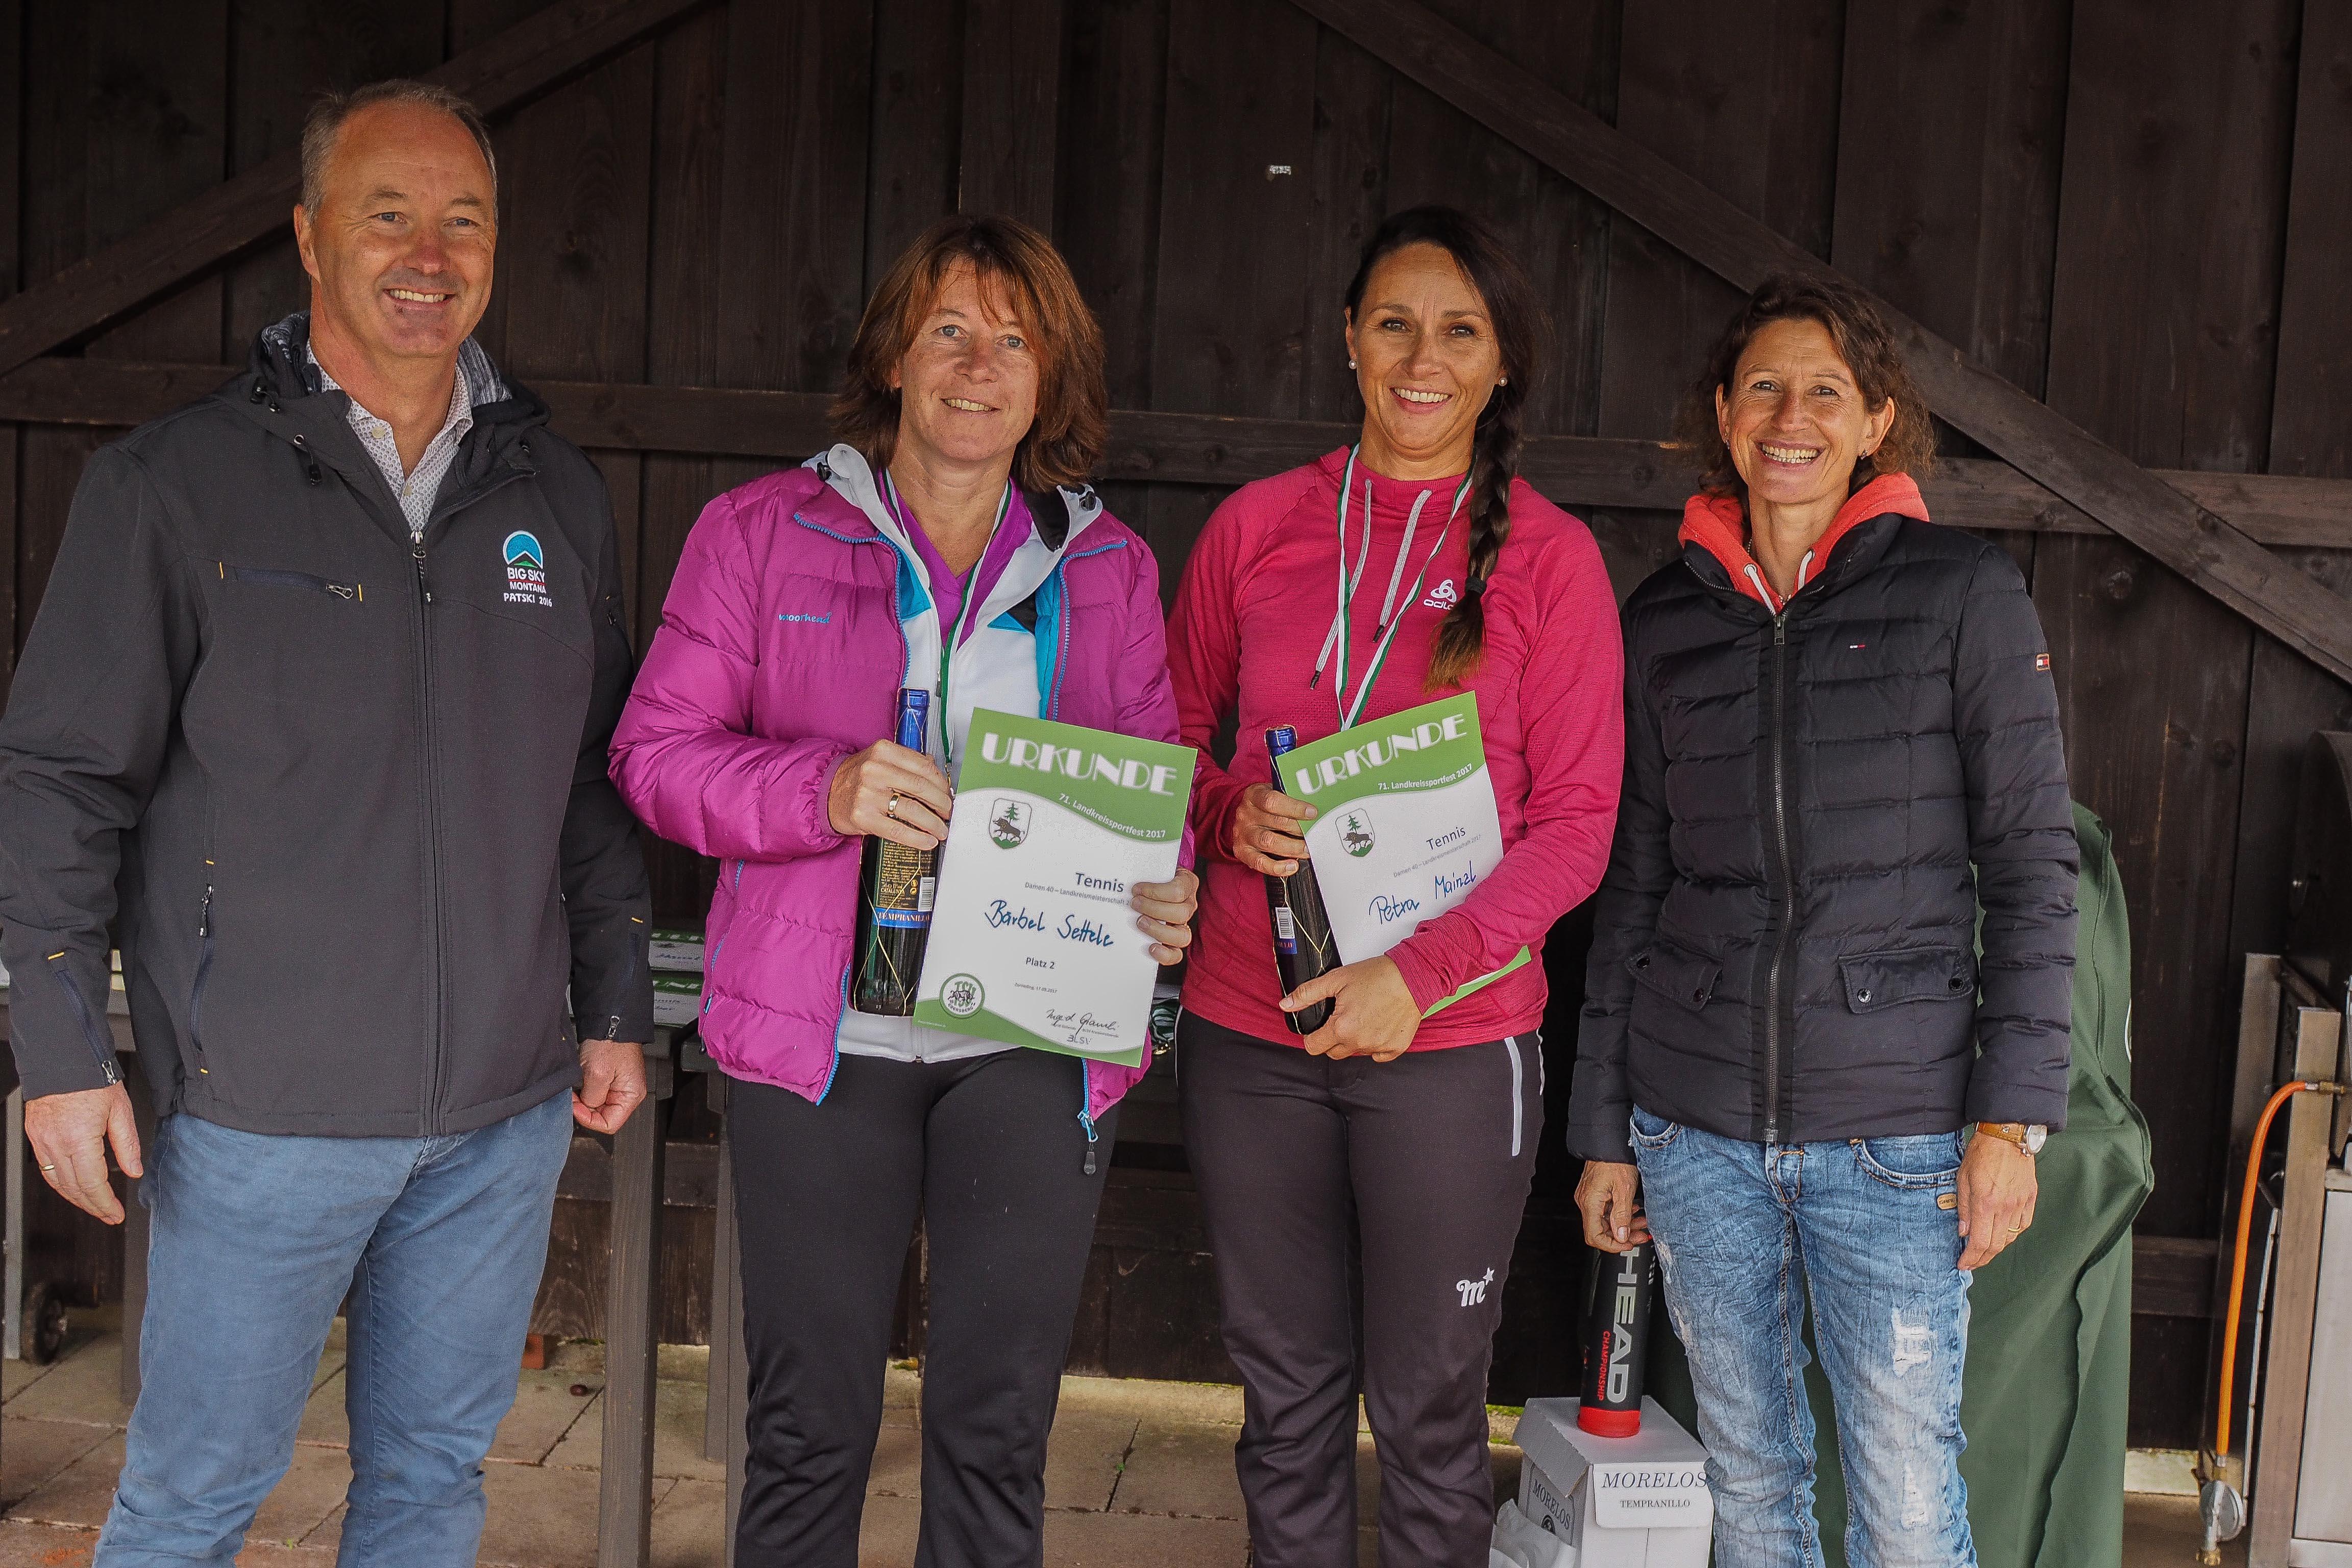 Sieger Damen 40 Landkreismeisterschaft Ebersberg 2017